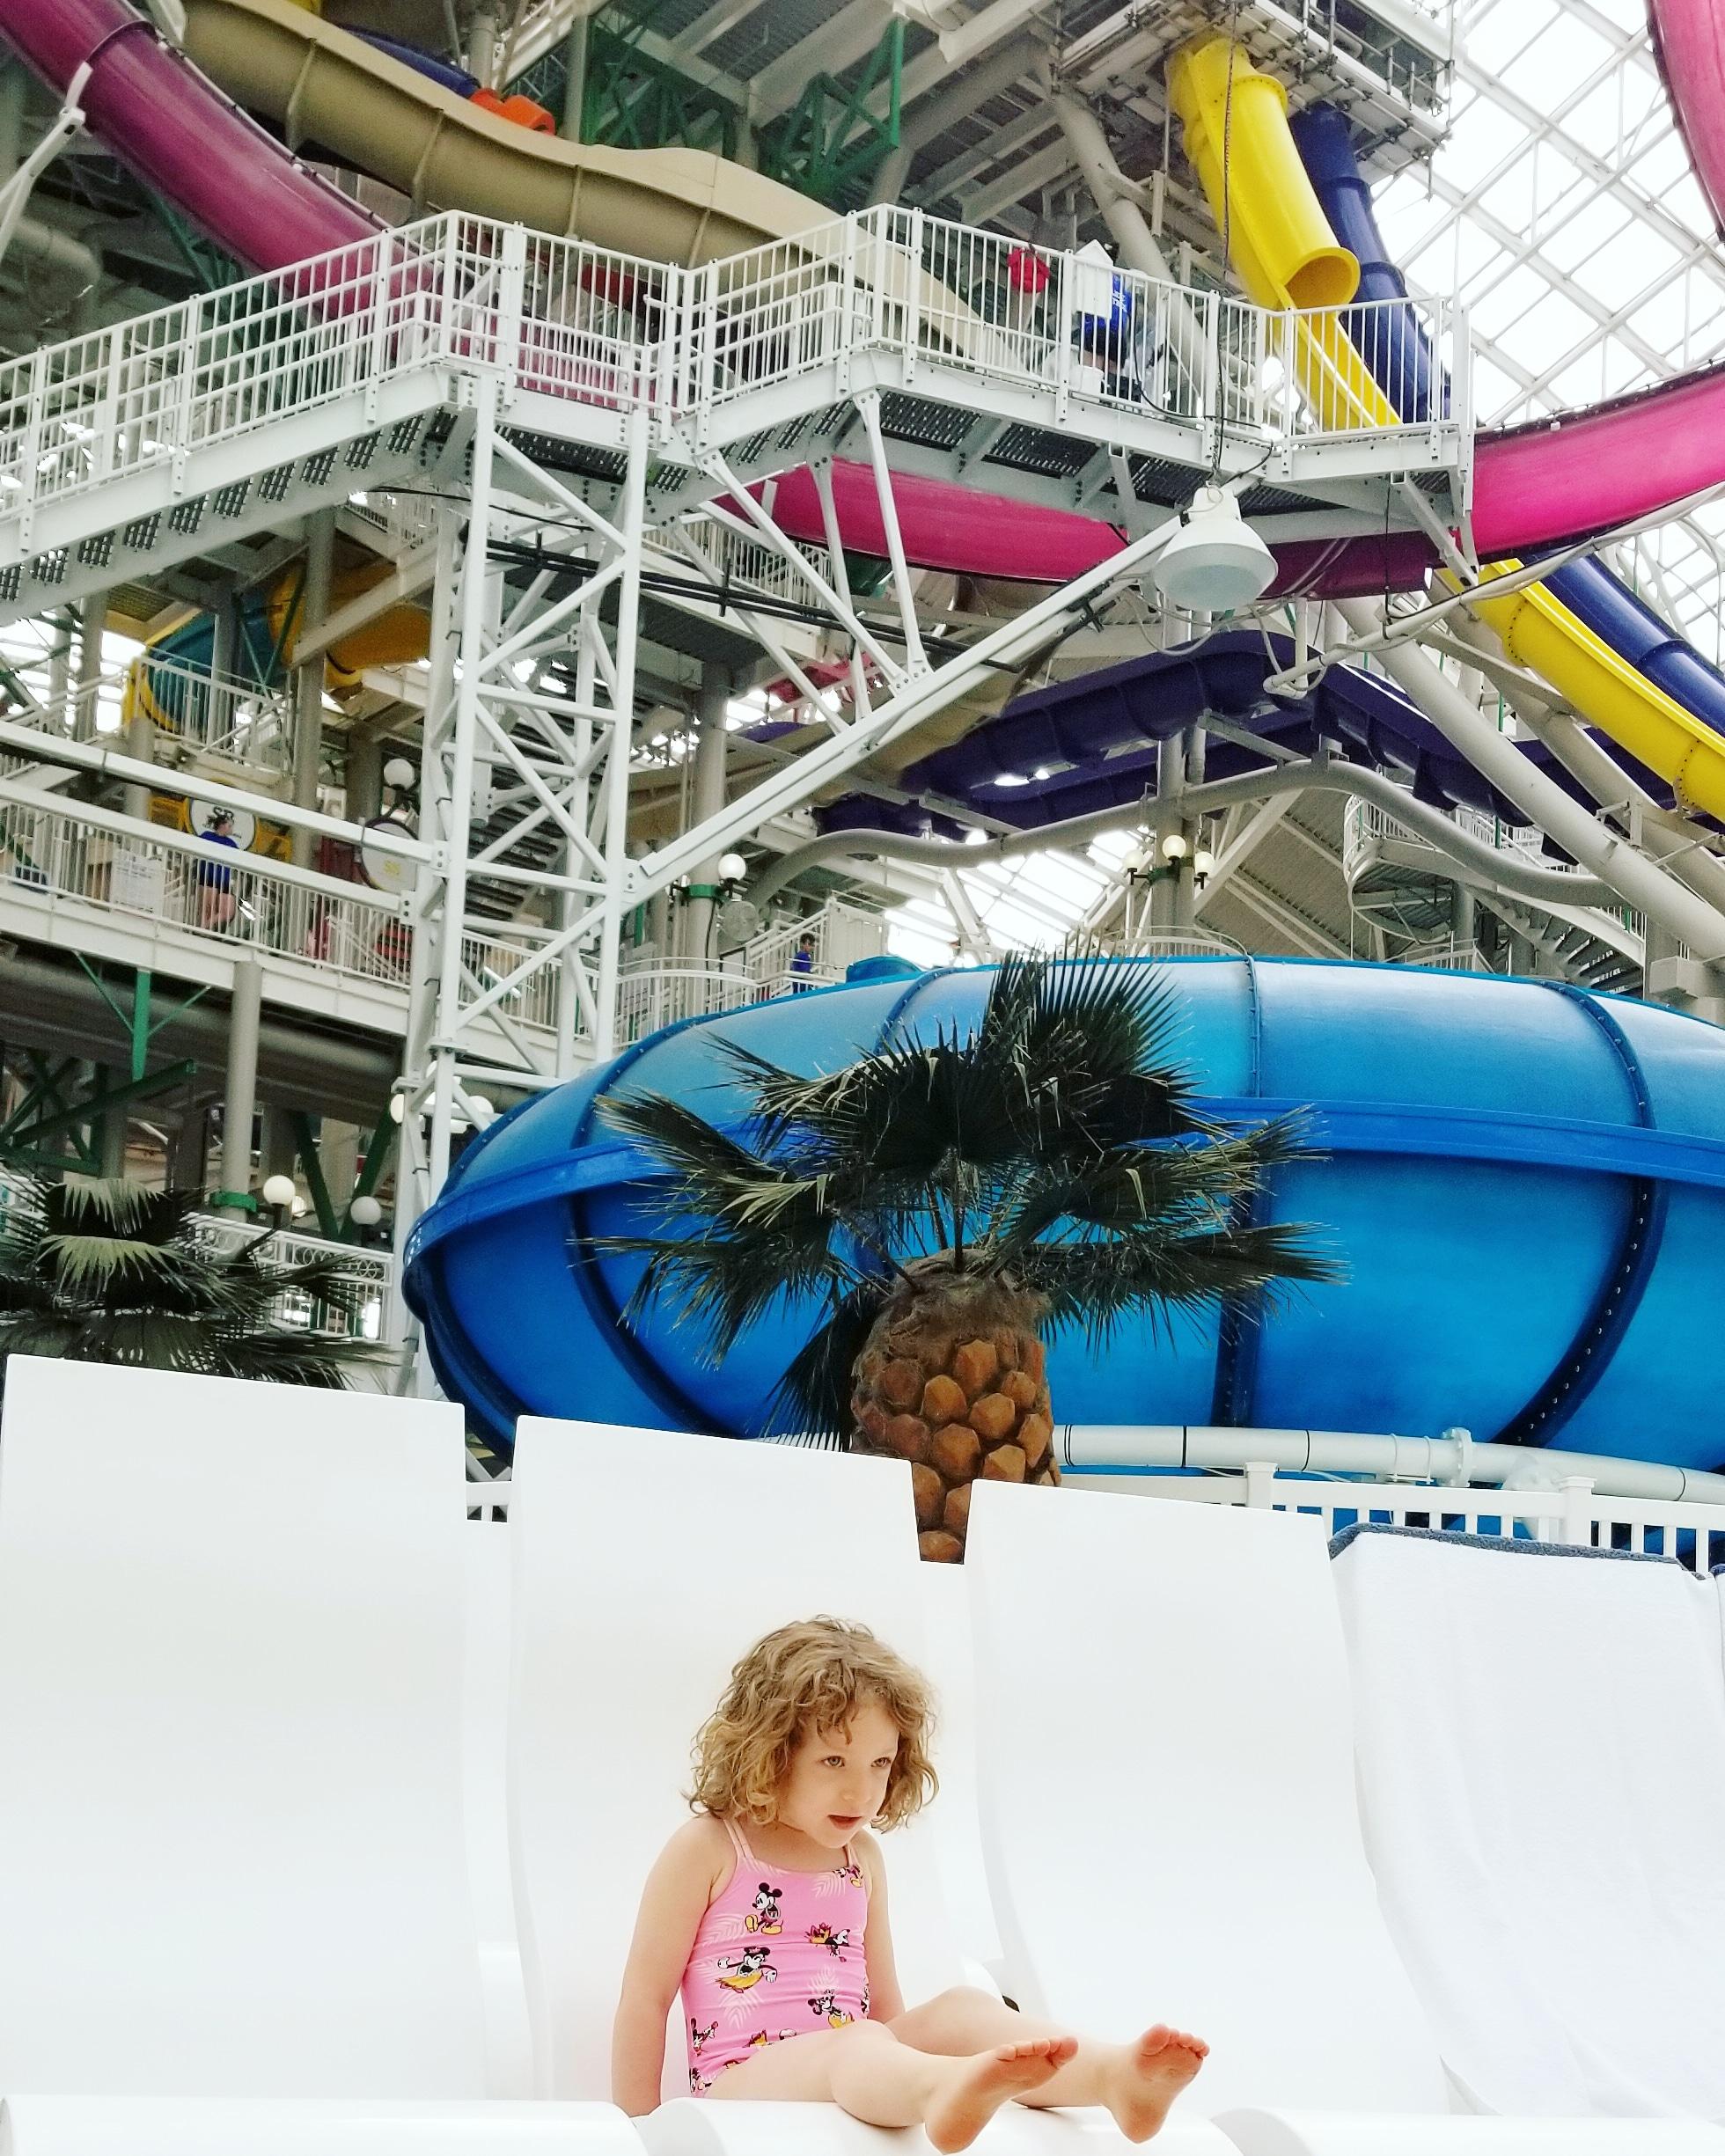 west edmonton mall world waterpark tips2.jpg